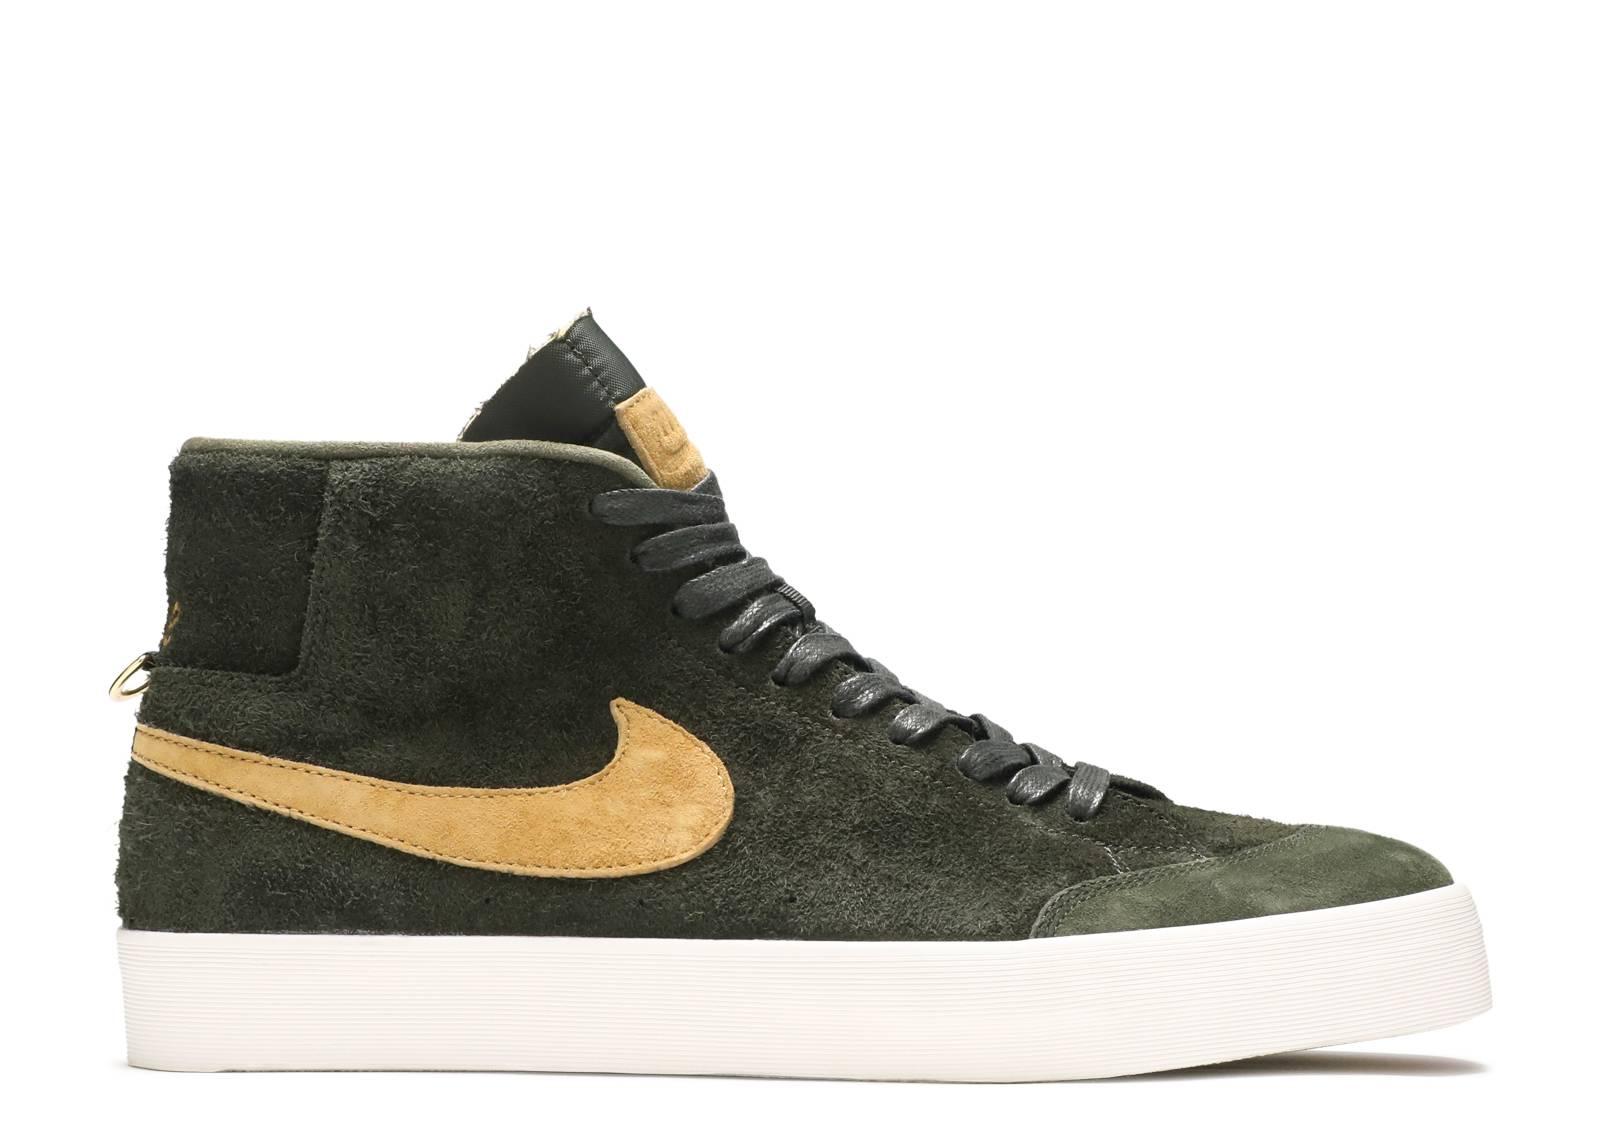 Nike Sb Zoom Blazer Mid Qs